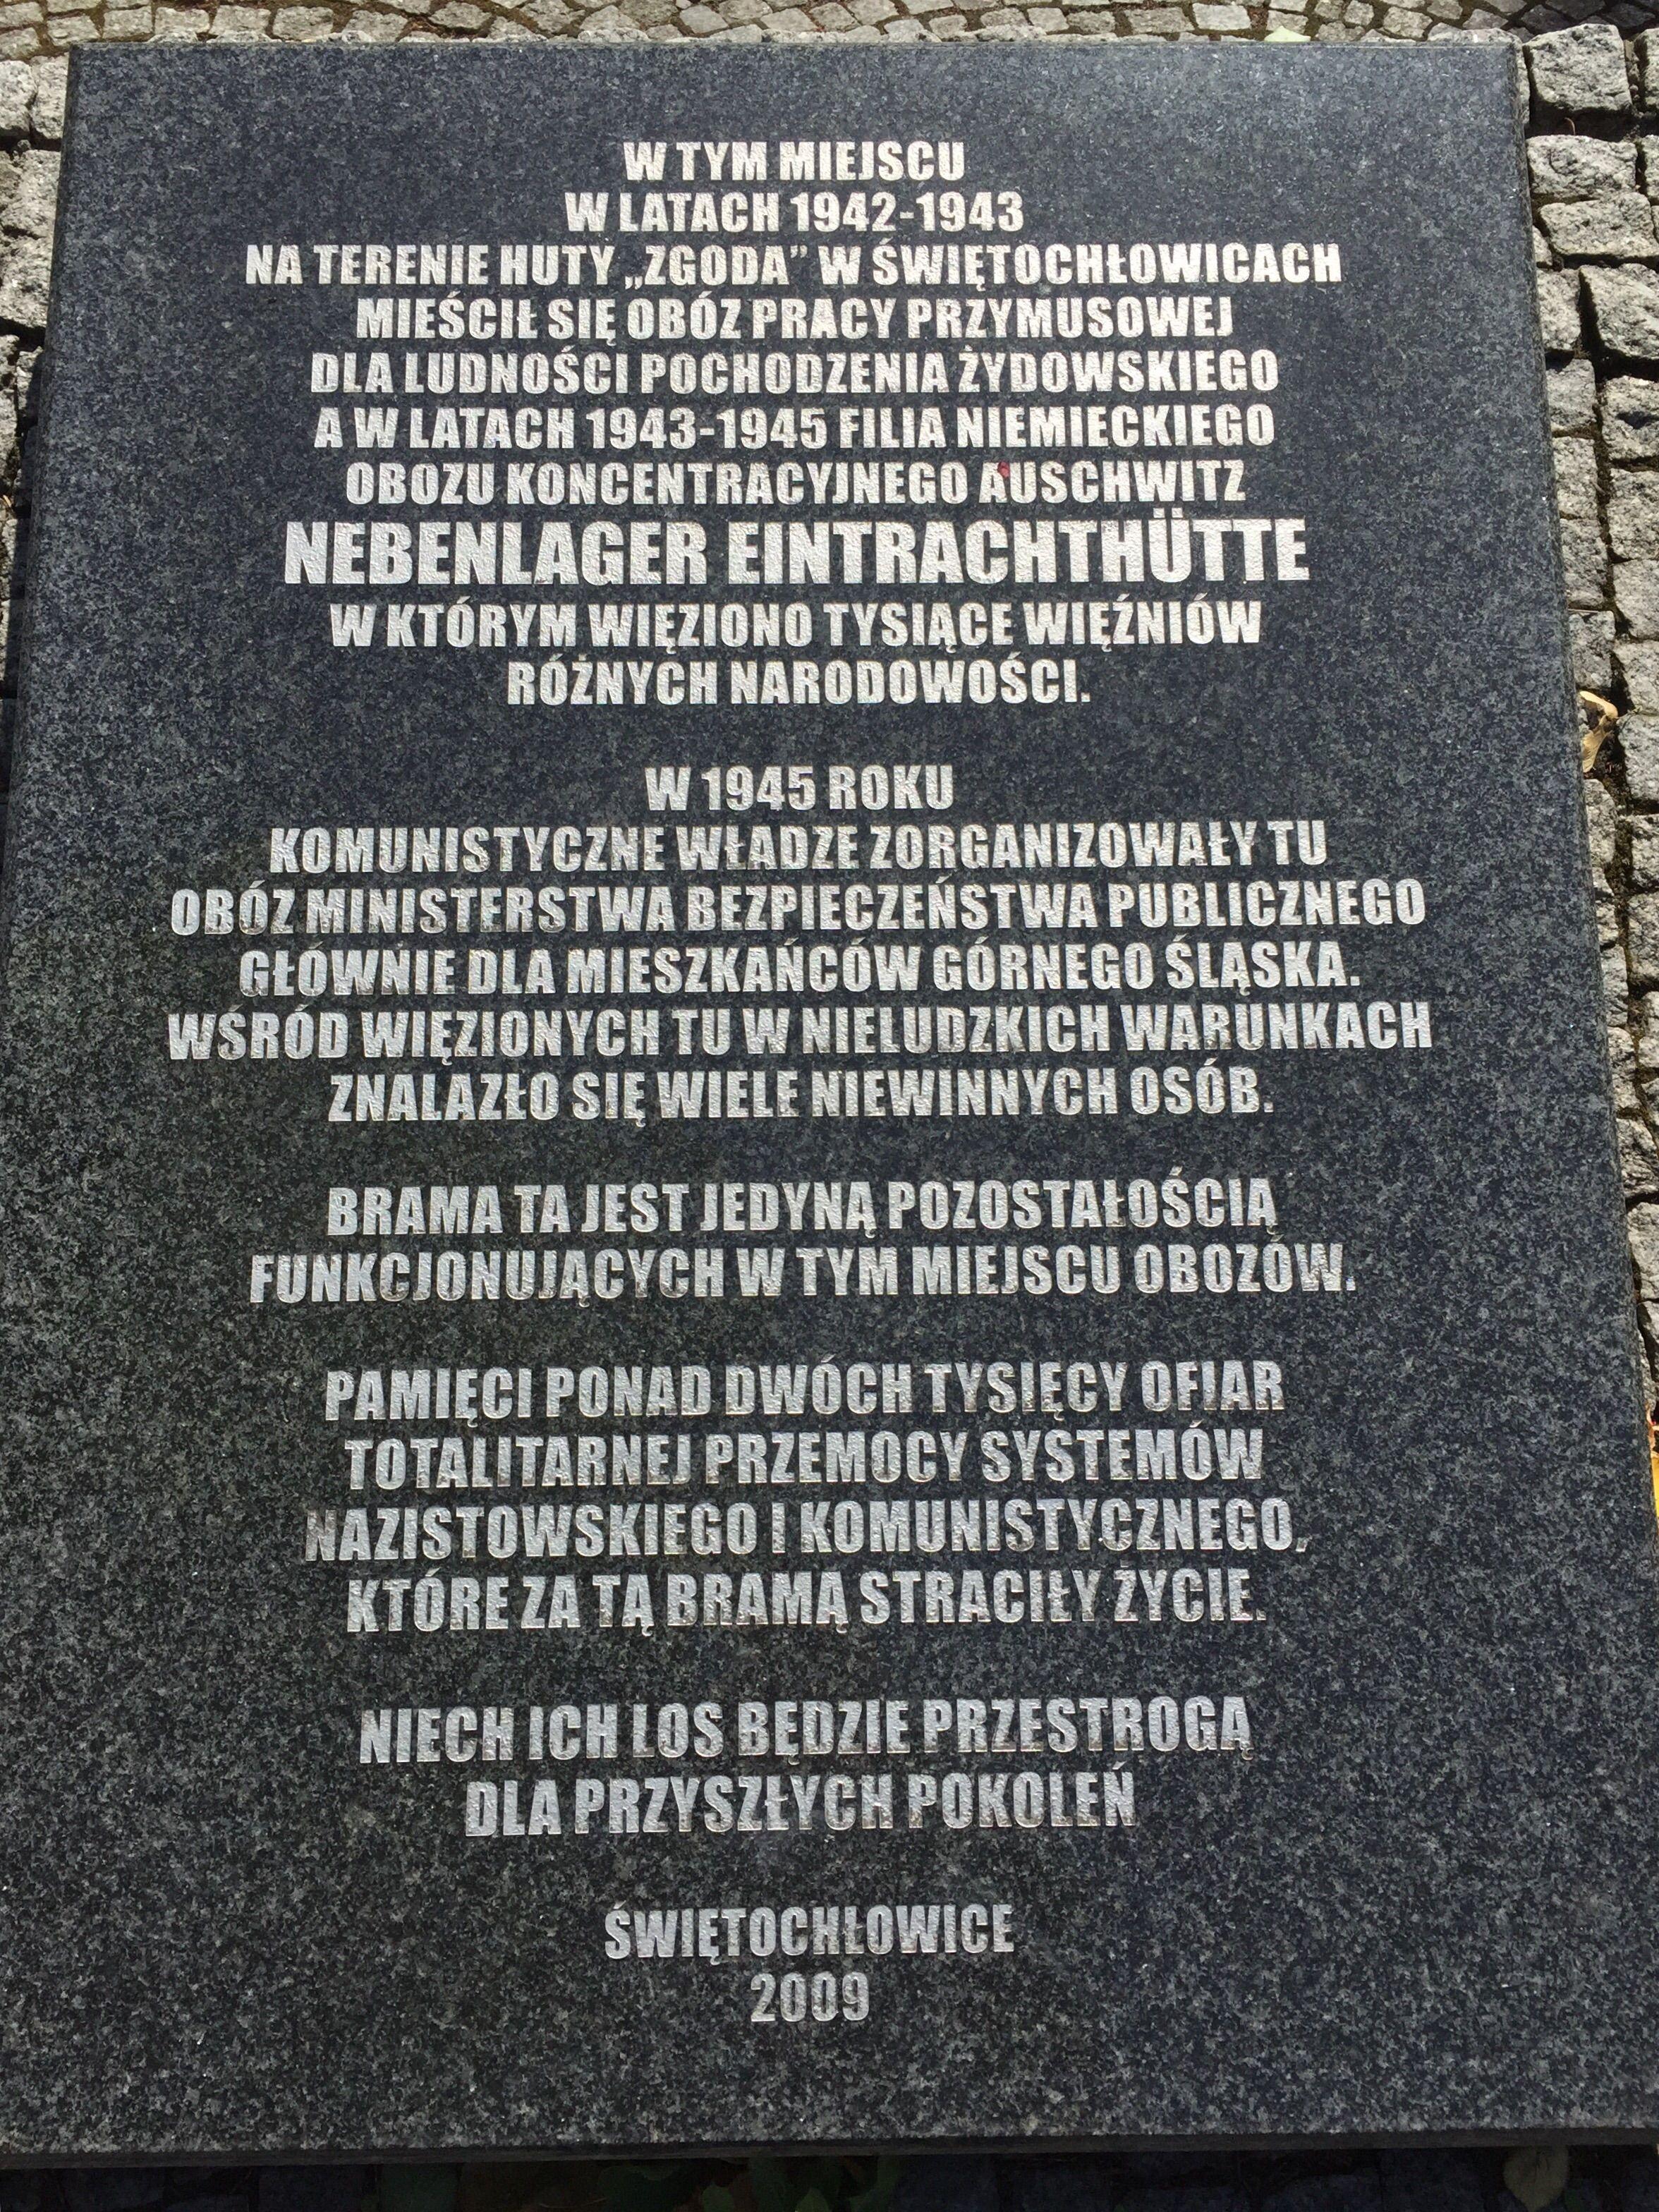 Tablica upamiętniająca ofiary niemieckiego a po wojnie ubeckiego obozu koncentracyjnego zlokalizowanego w Świętochłowicach (fot. Drozdp; lic. CC BY-SA 4.0).